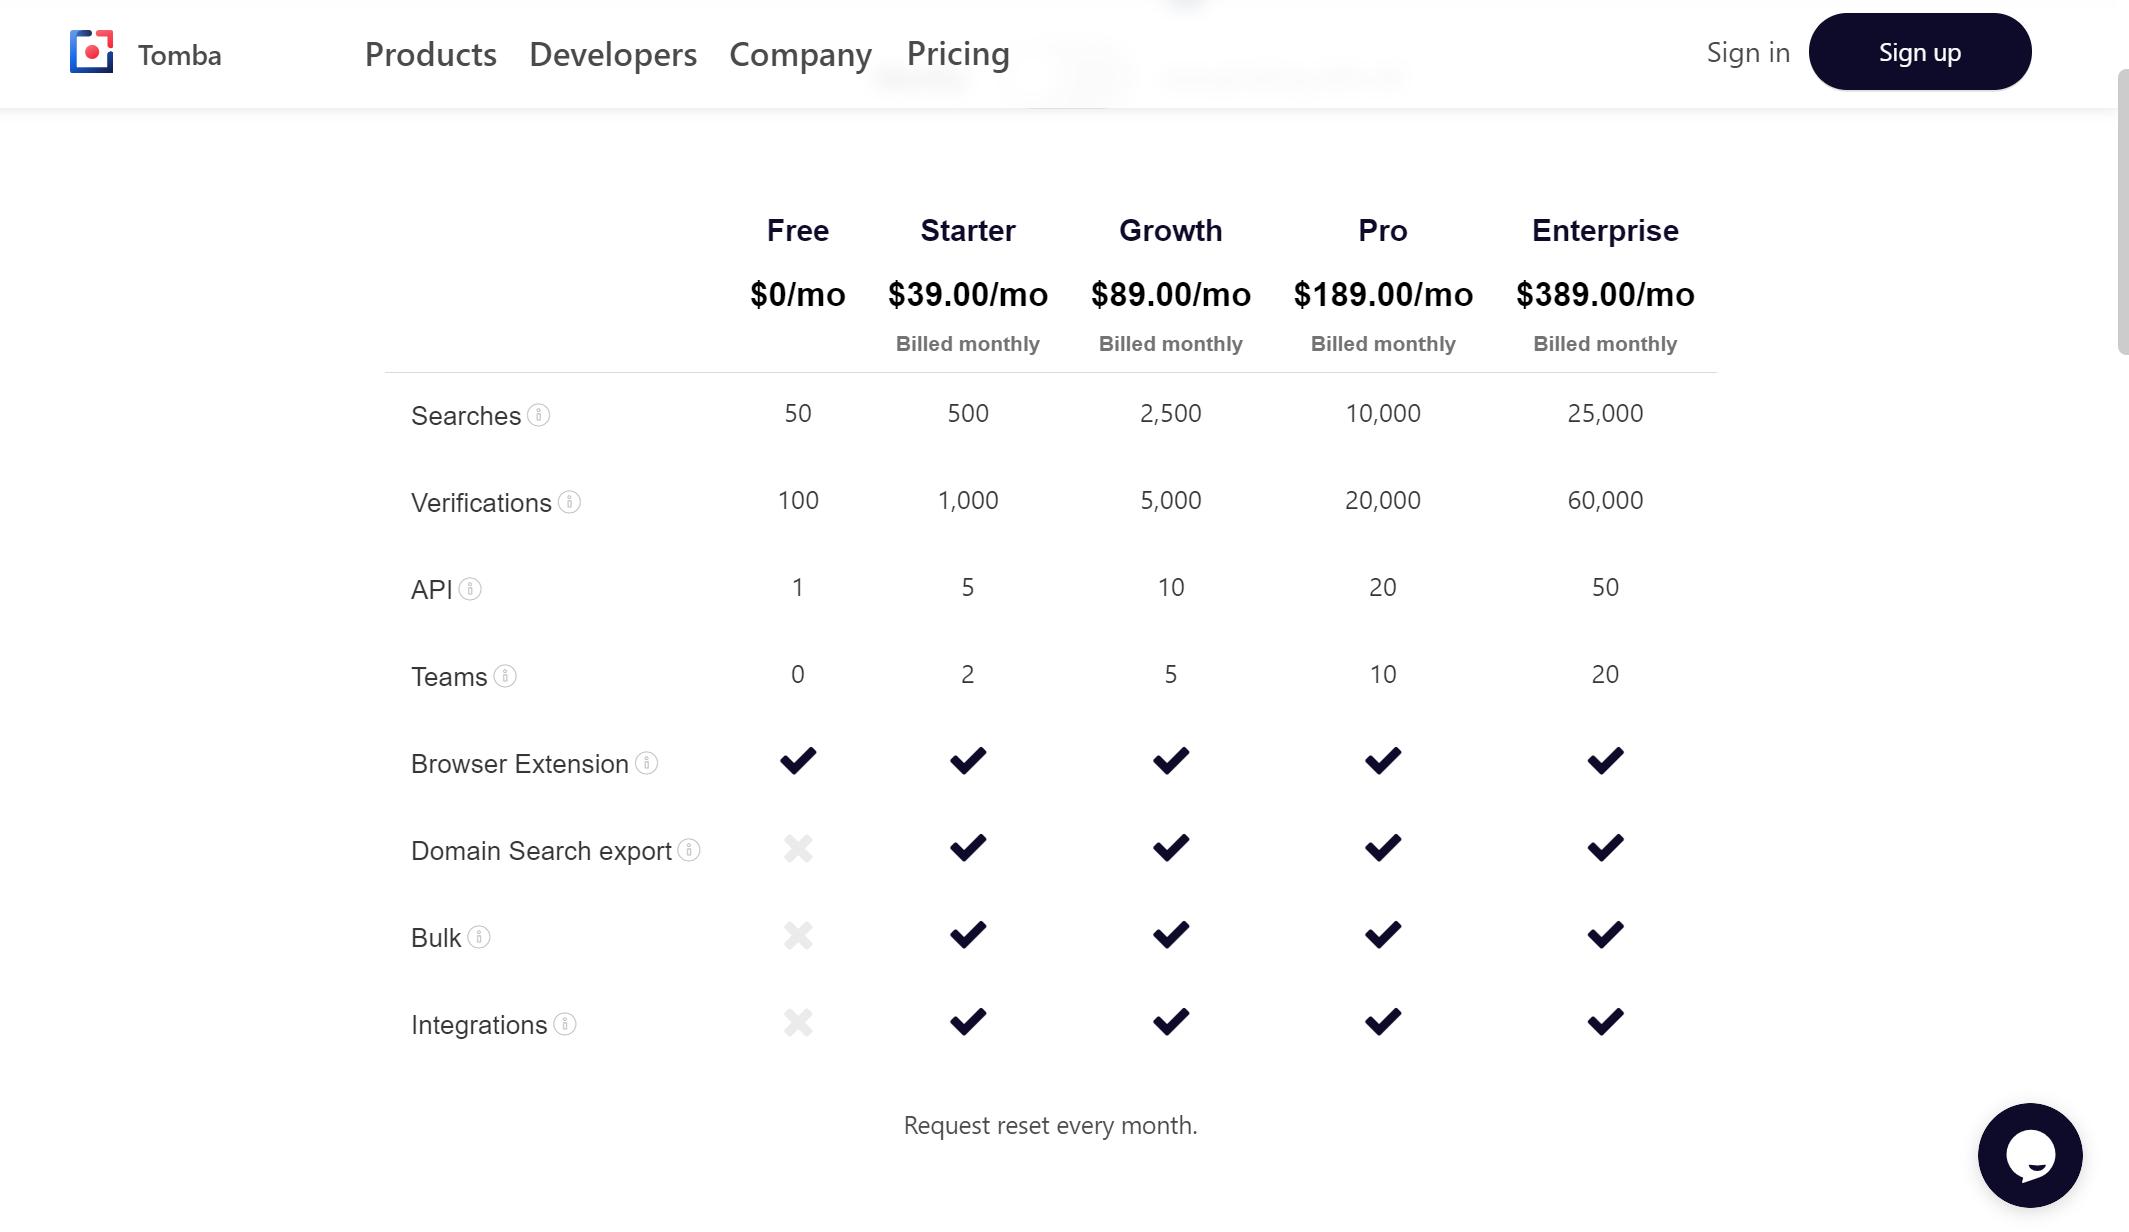 Tomba.io - Pricing Plans